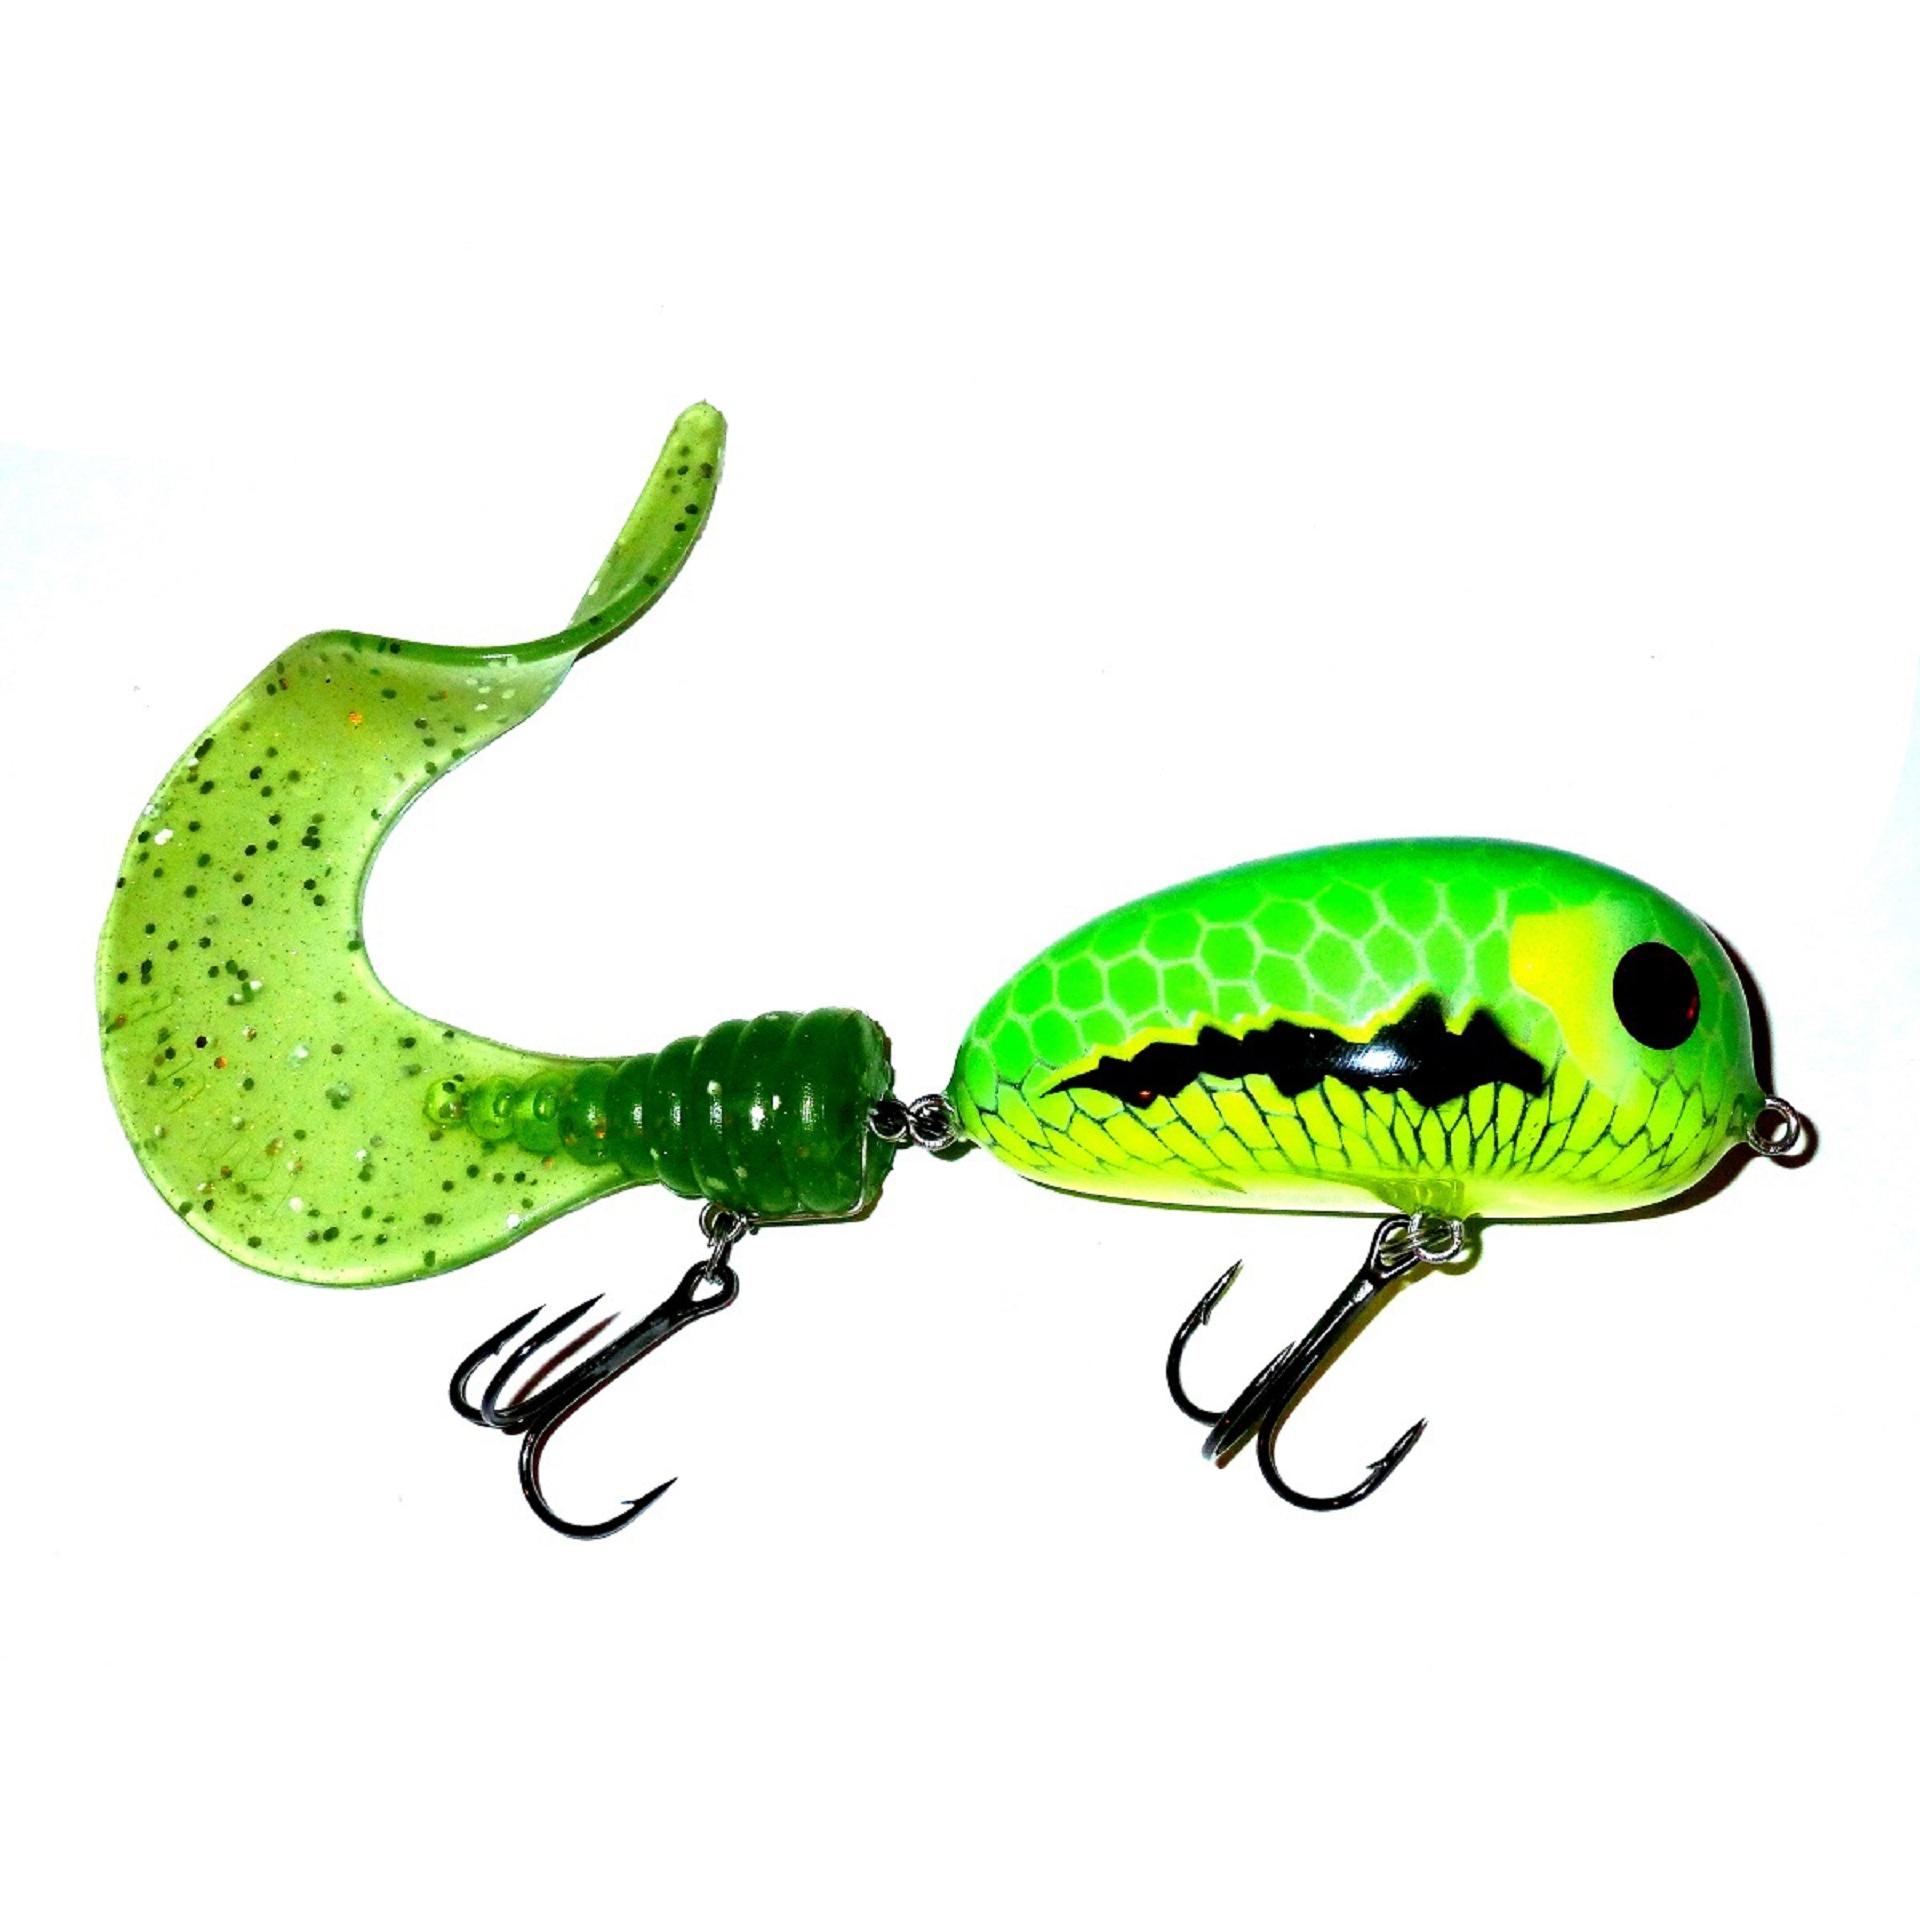 Bugagashka Tail Shallow Yellow Green